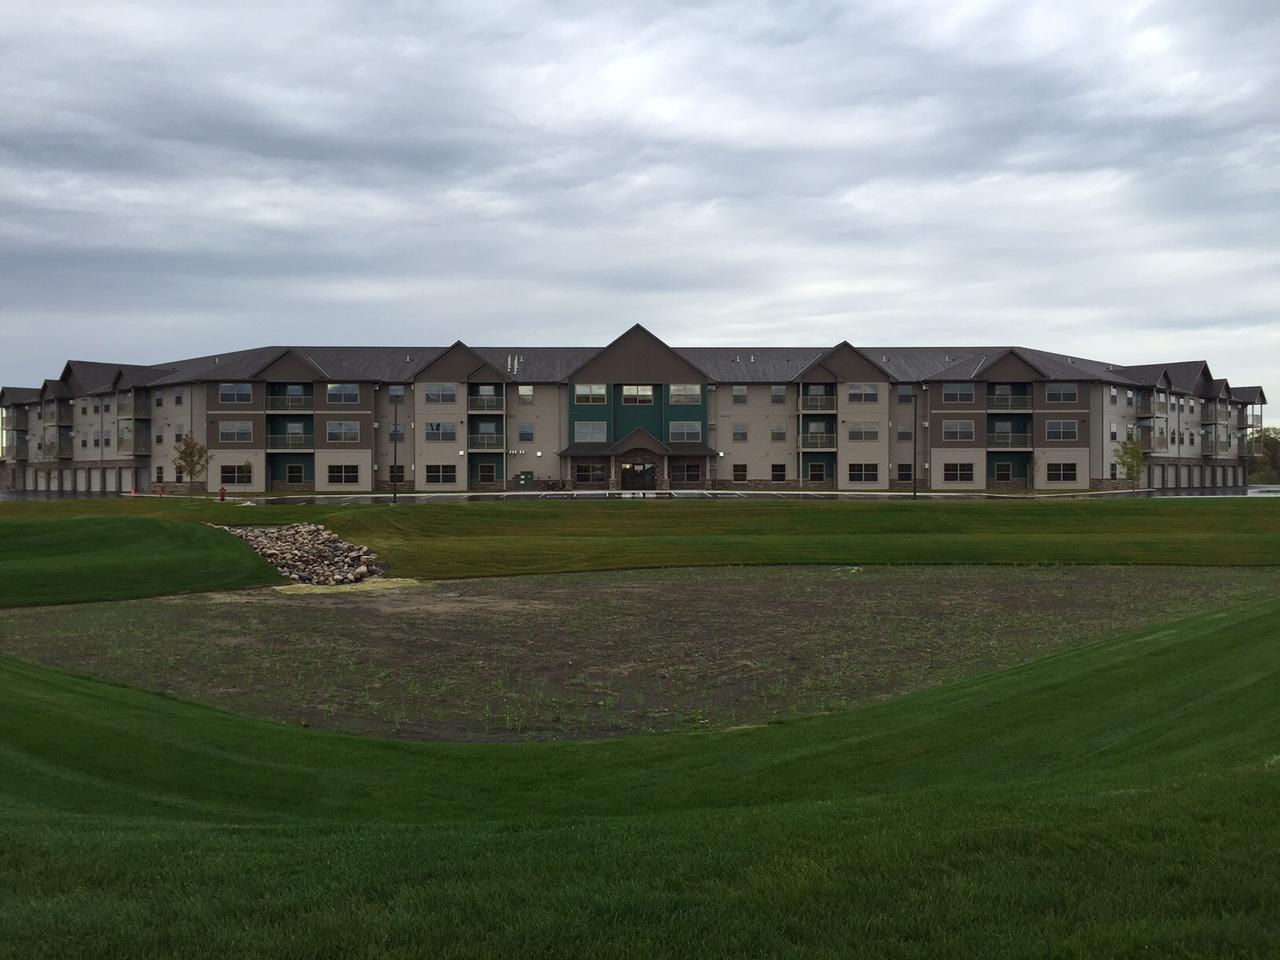 Stone Manor Development Ph I & II  Phase I - 63 Units & Phase II - 67 Units - Alexandria, MN